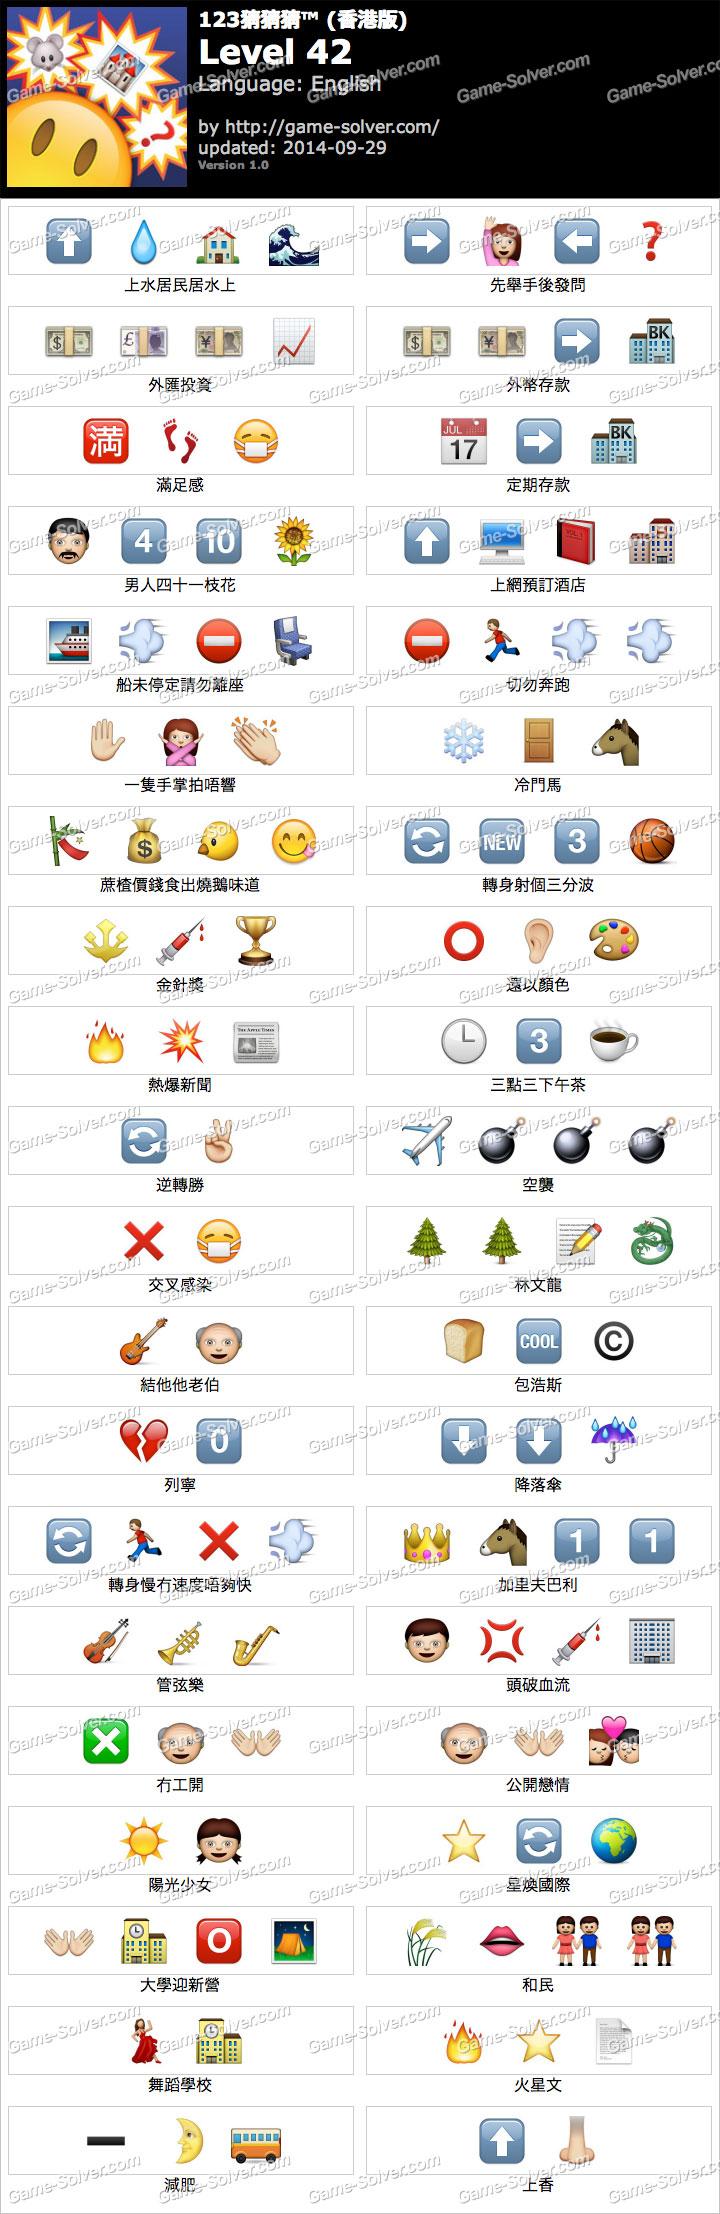 123 猜 猜 猜 香港 版 答案 level 5